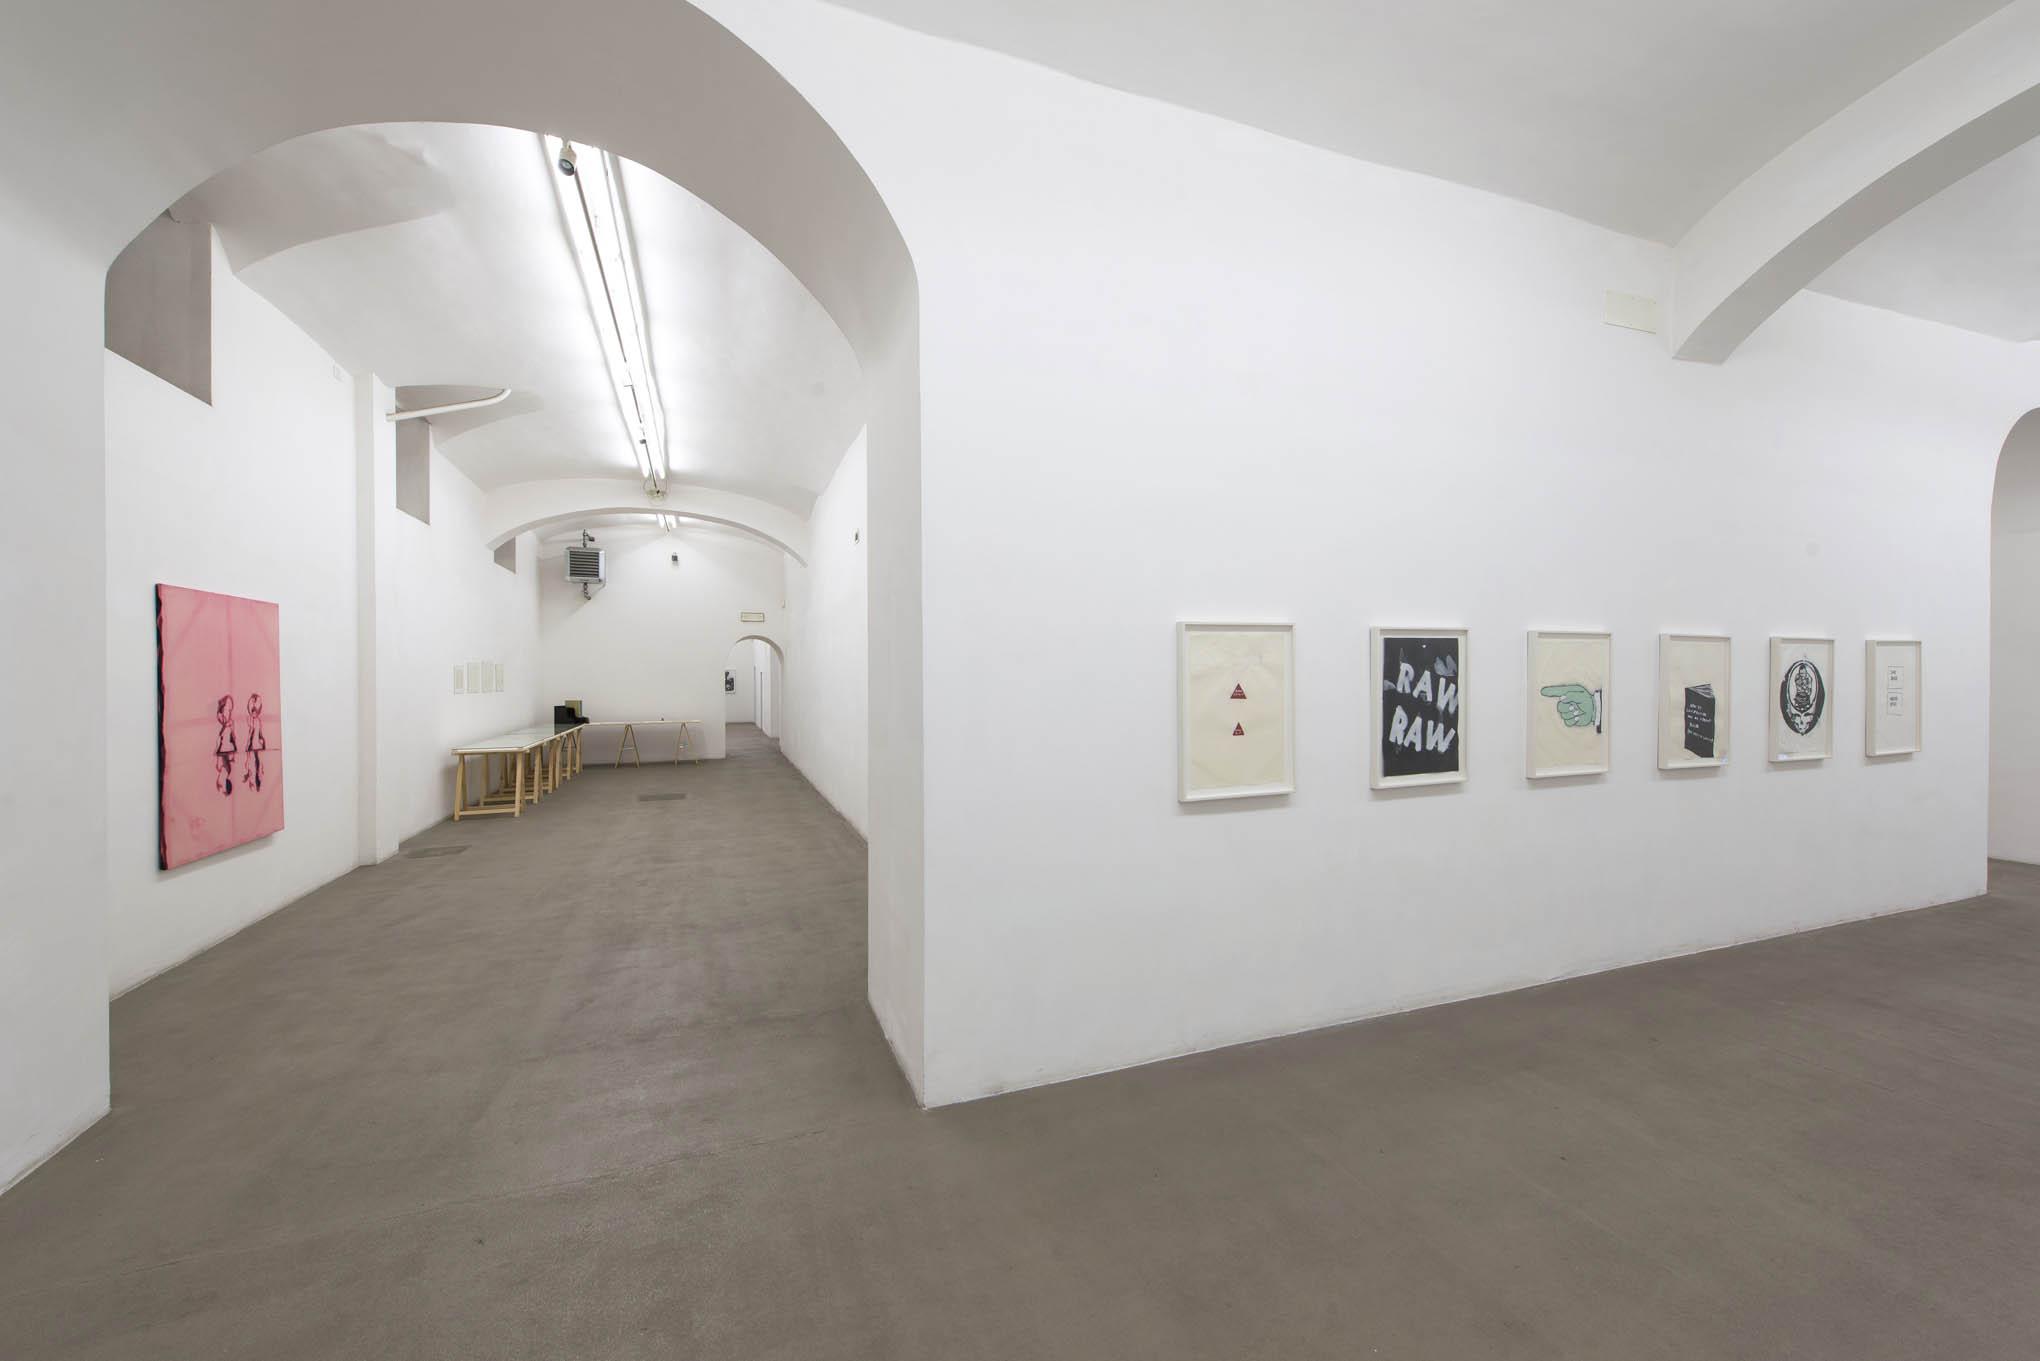 13. Consequences installation view at Fondazione Giuliani, Rome, 2015, photo Giorgio Benni